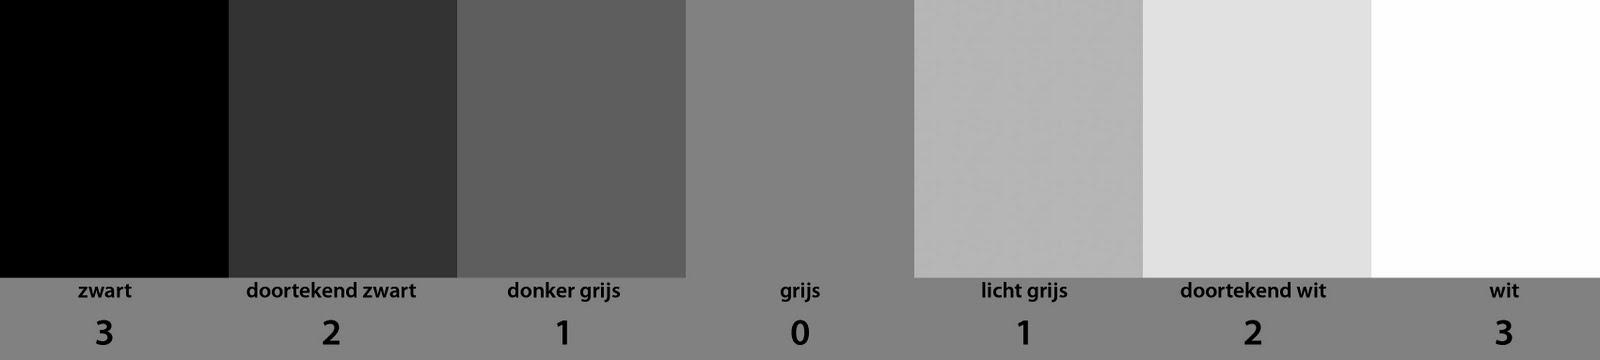 Licht meten | midden | grijs | schaal